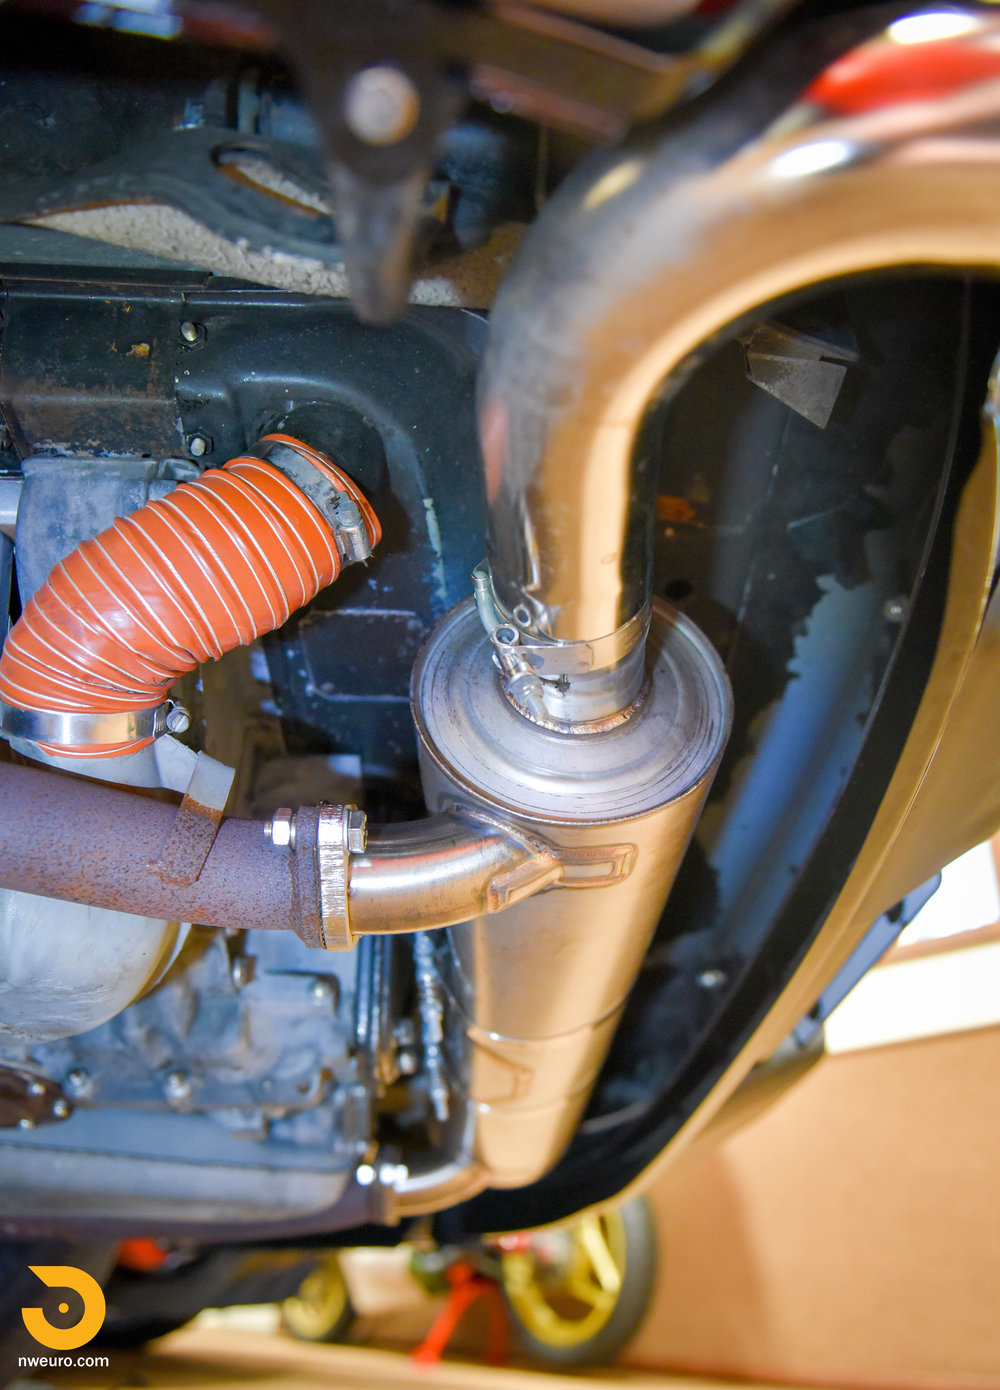 1975 Porshce Carrera Targa Underside-8.jpg